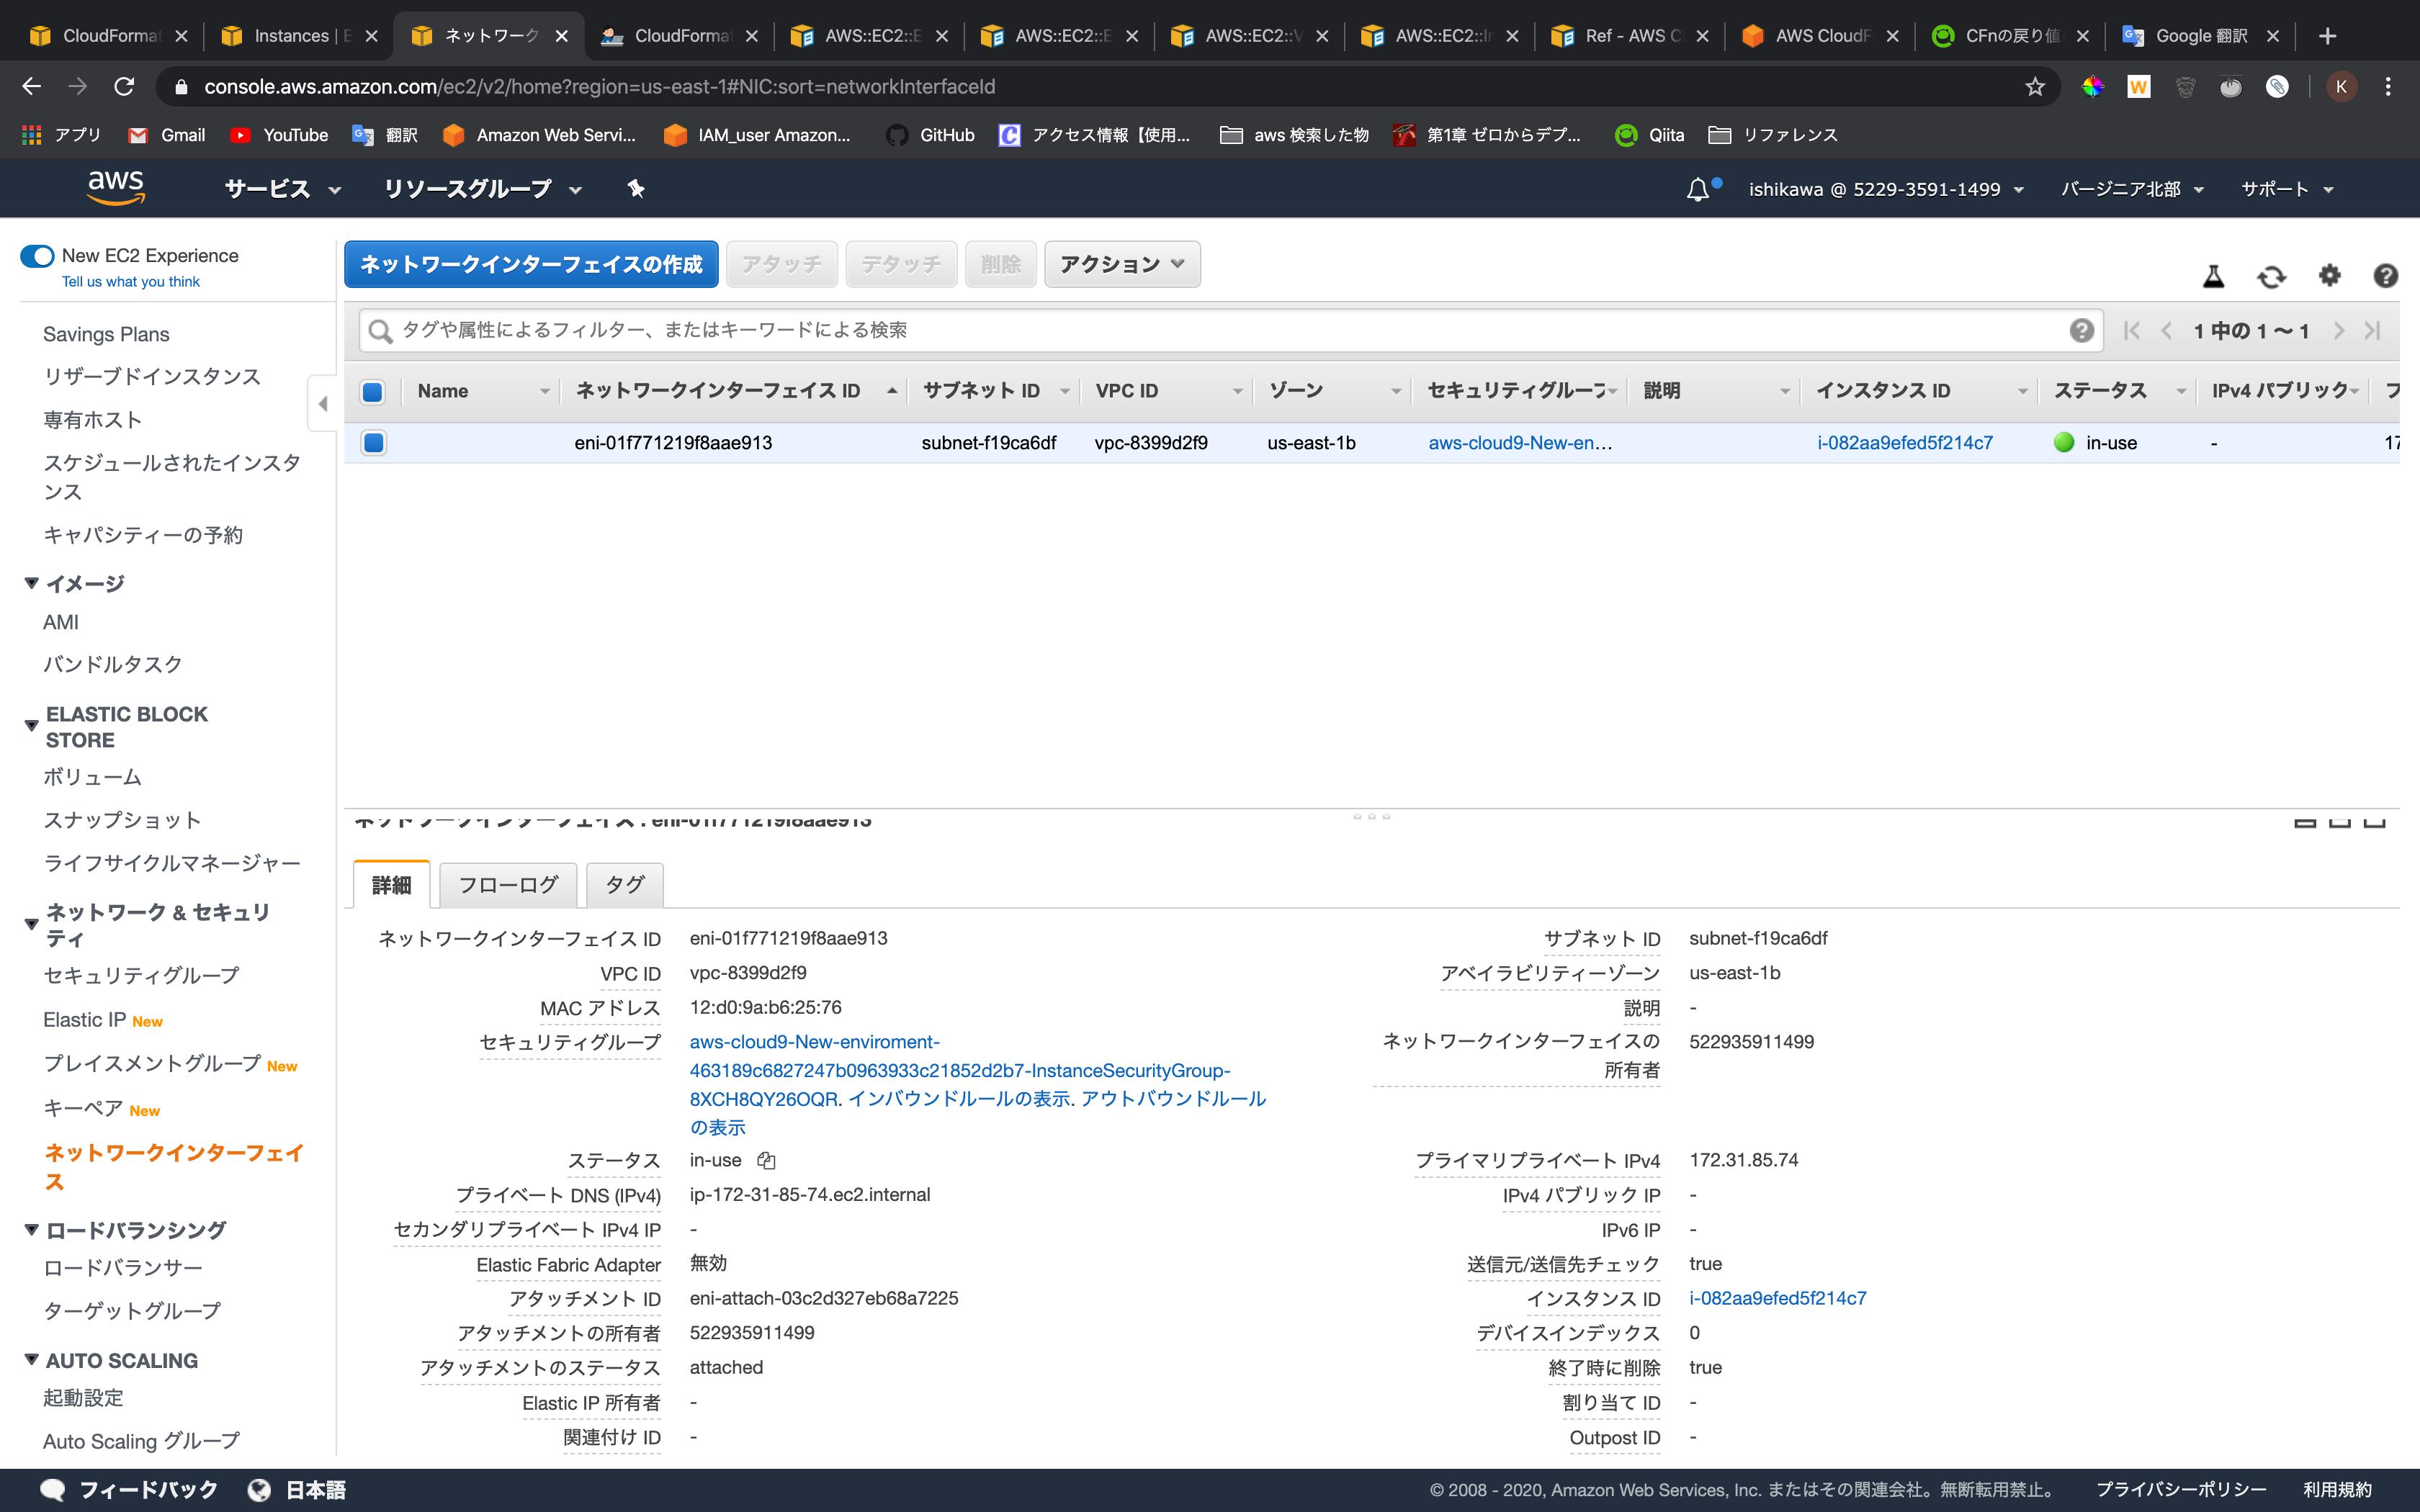 スクリーンショット 2020-01-14 0.35.28.png